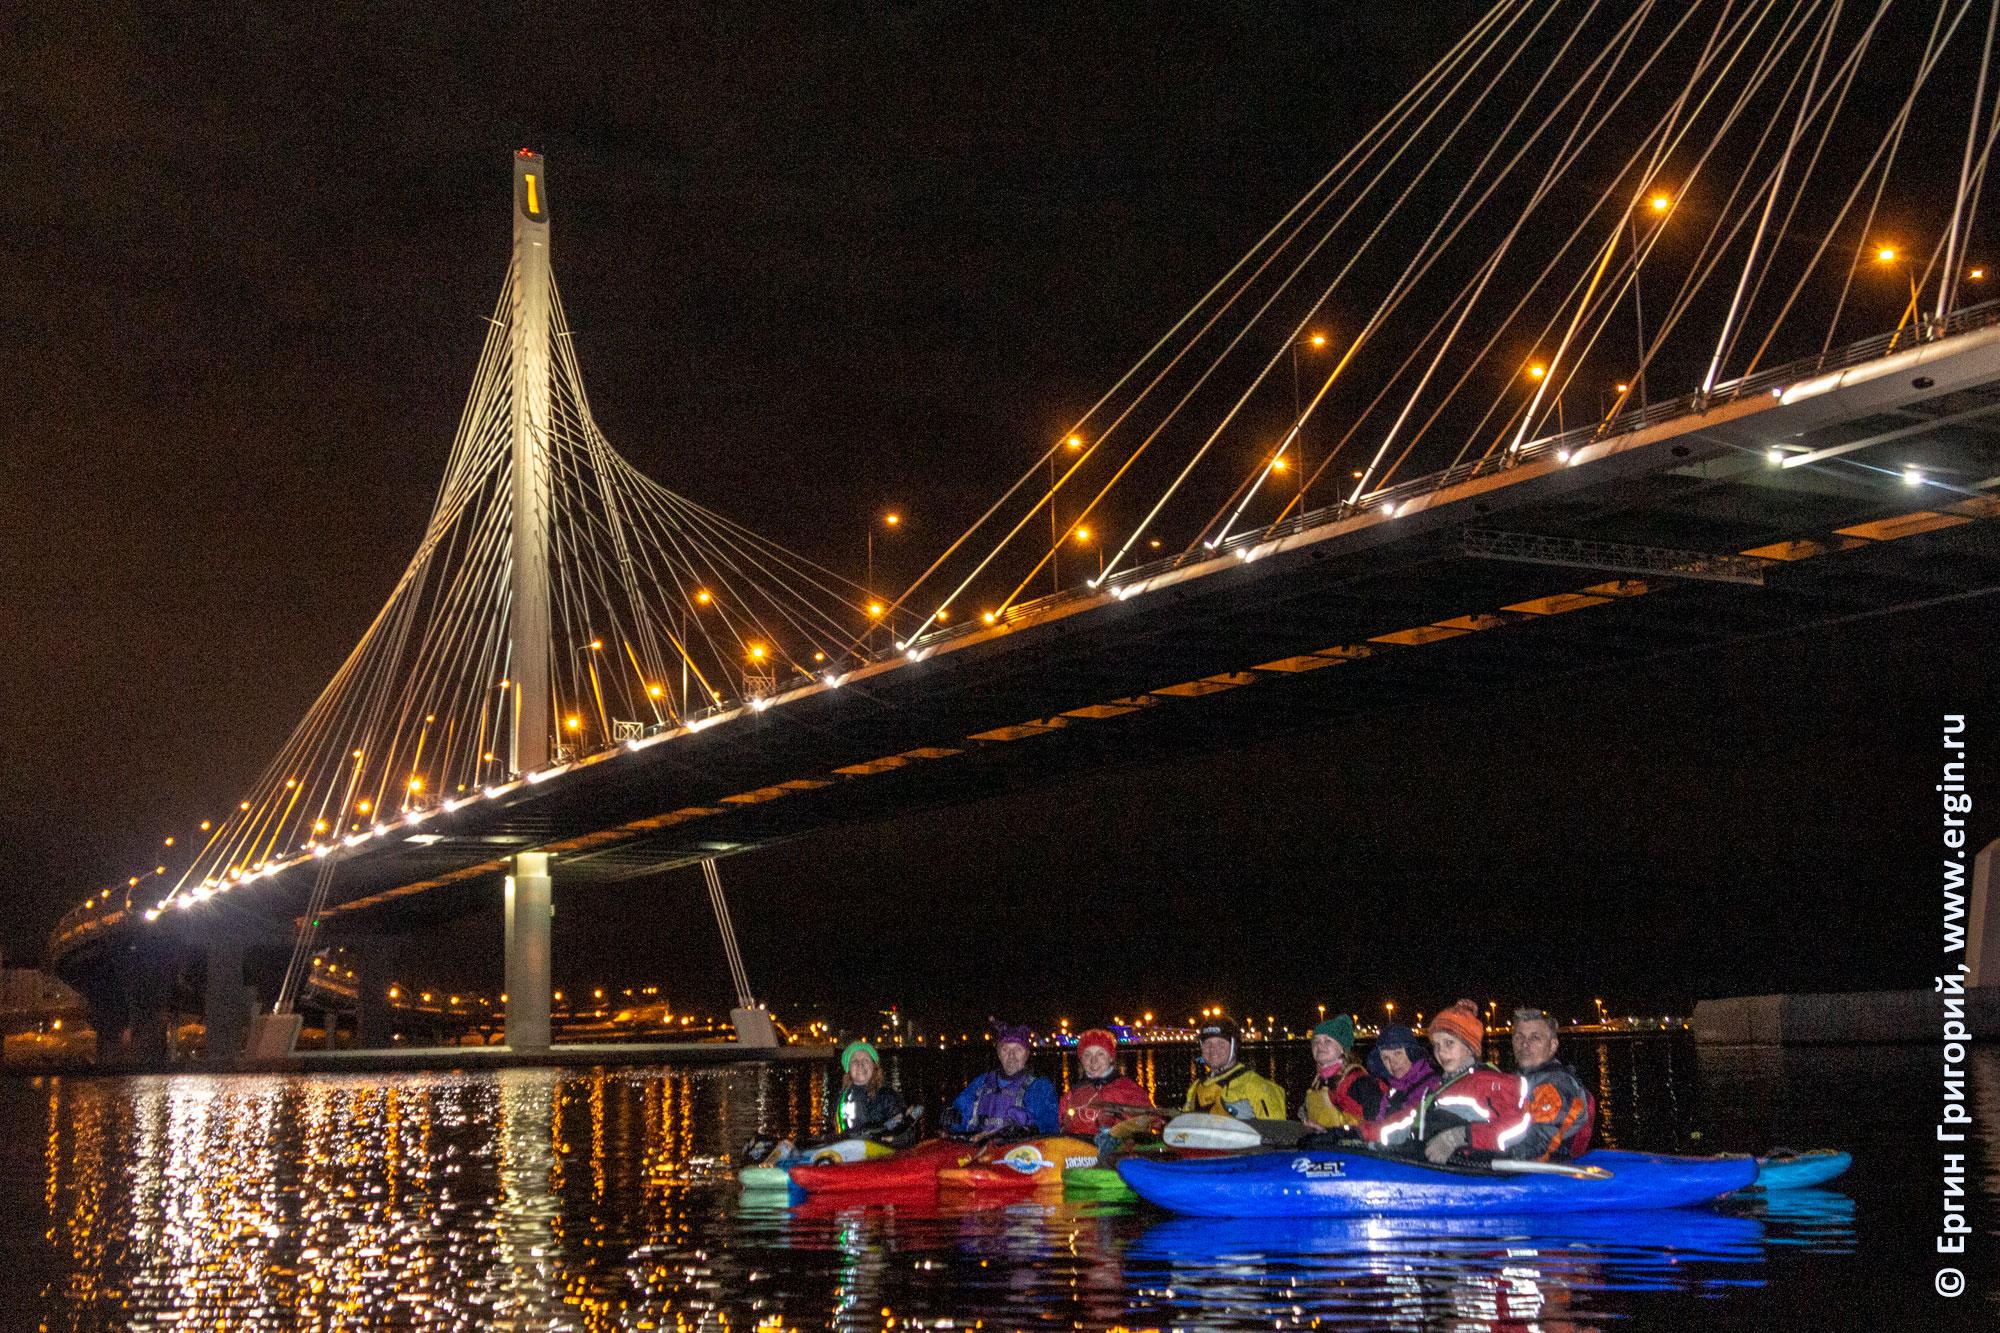 Каяки под вантовым мостом ЗСД в СПб Санкт-Петербурге